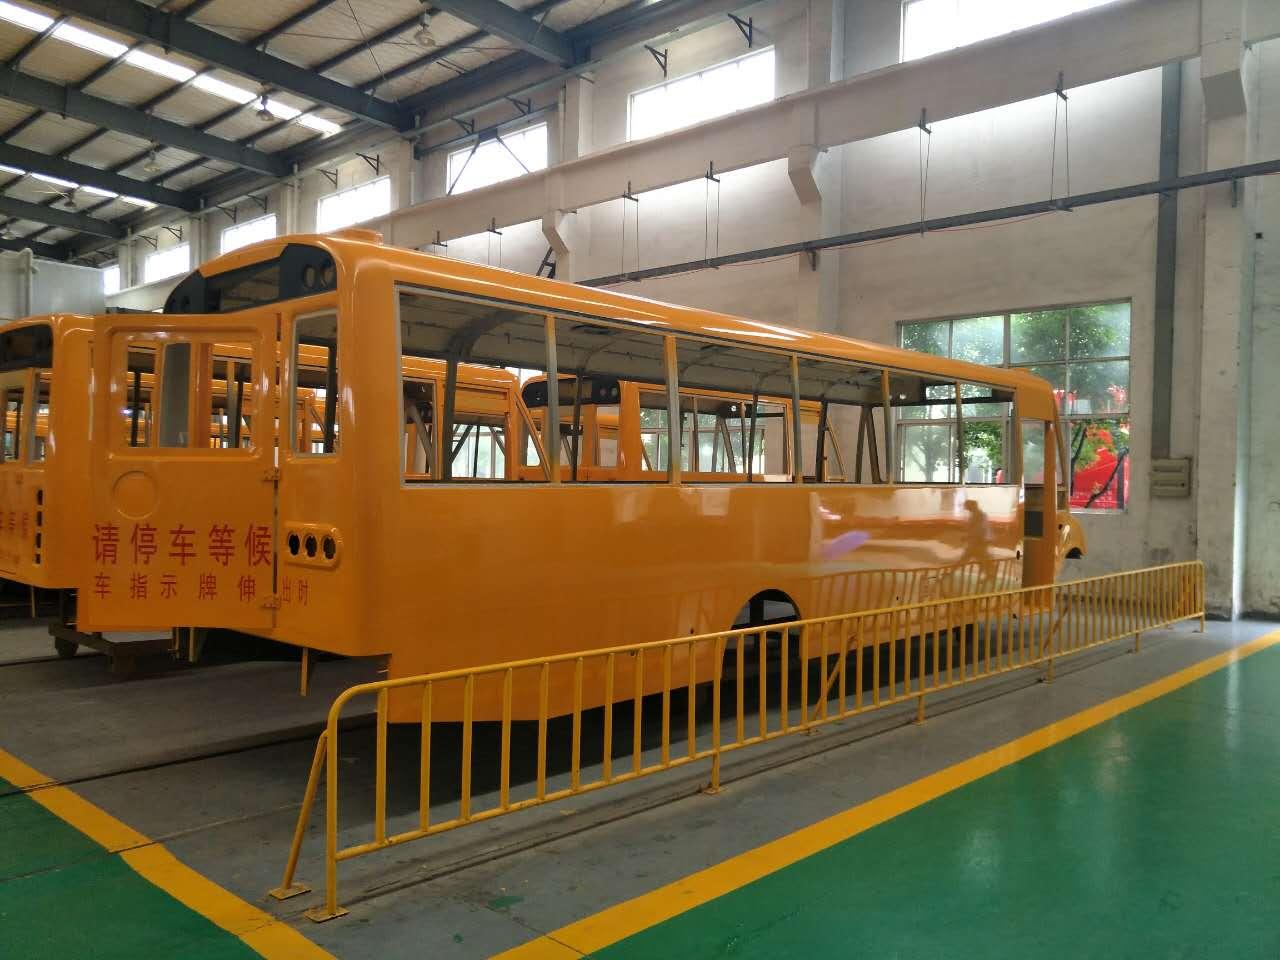 幼兒園校車